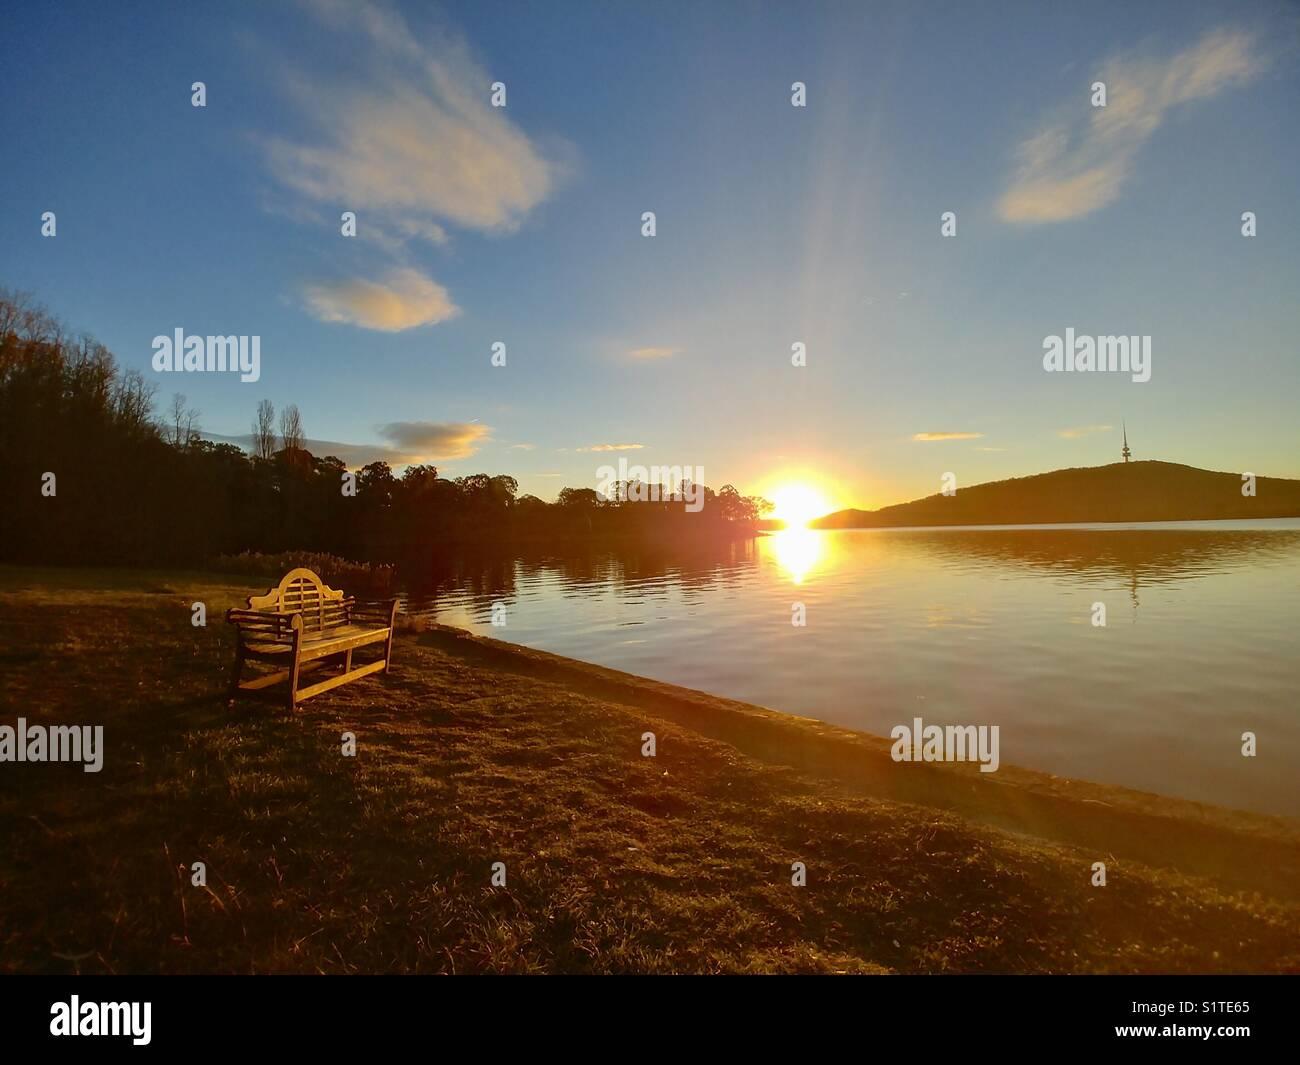 Atardecer en el Lago Burley Griffin. Foto de stock